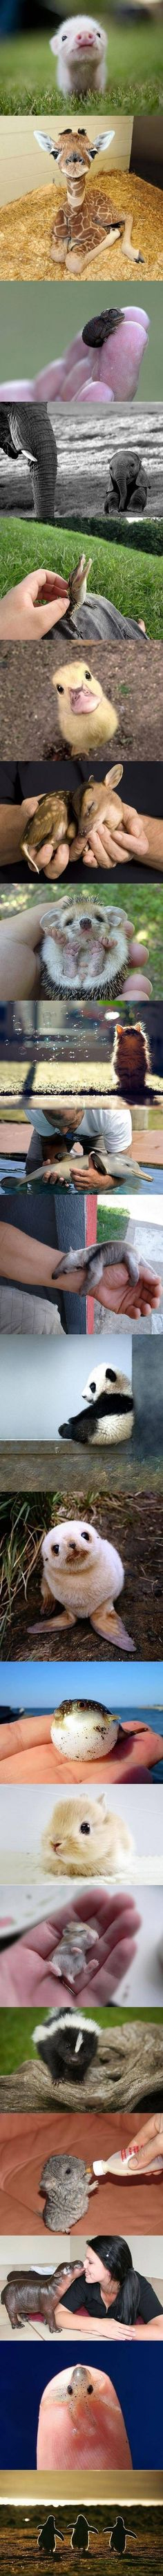 Les bébé animaux les plus choux au monde.